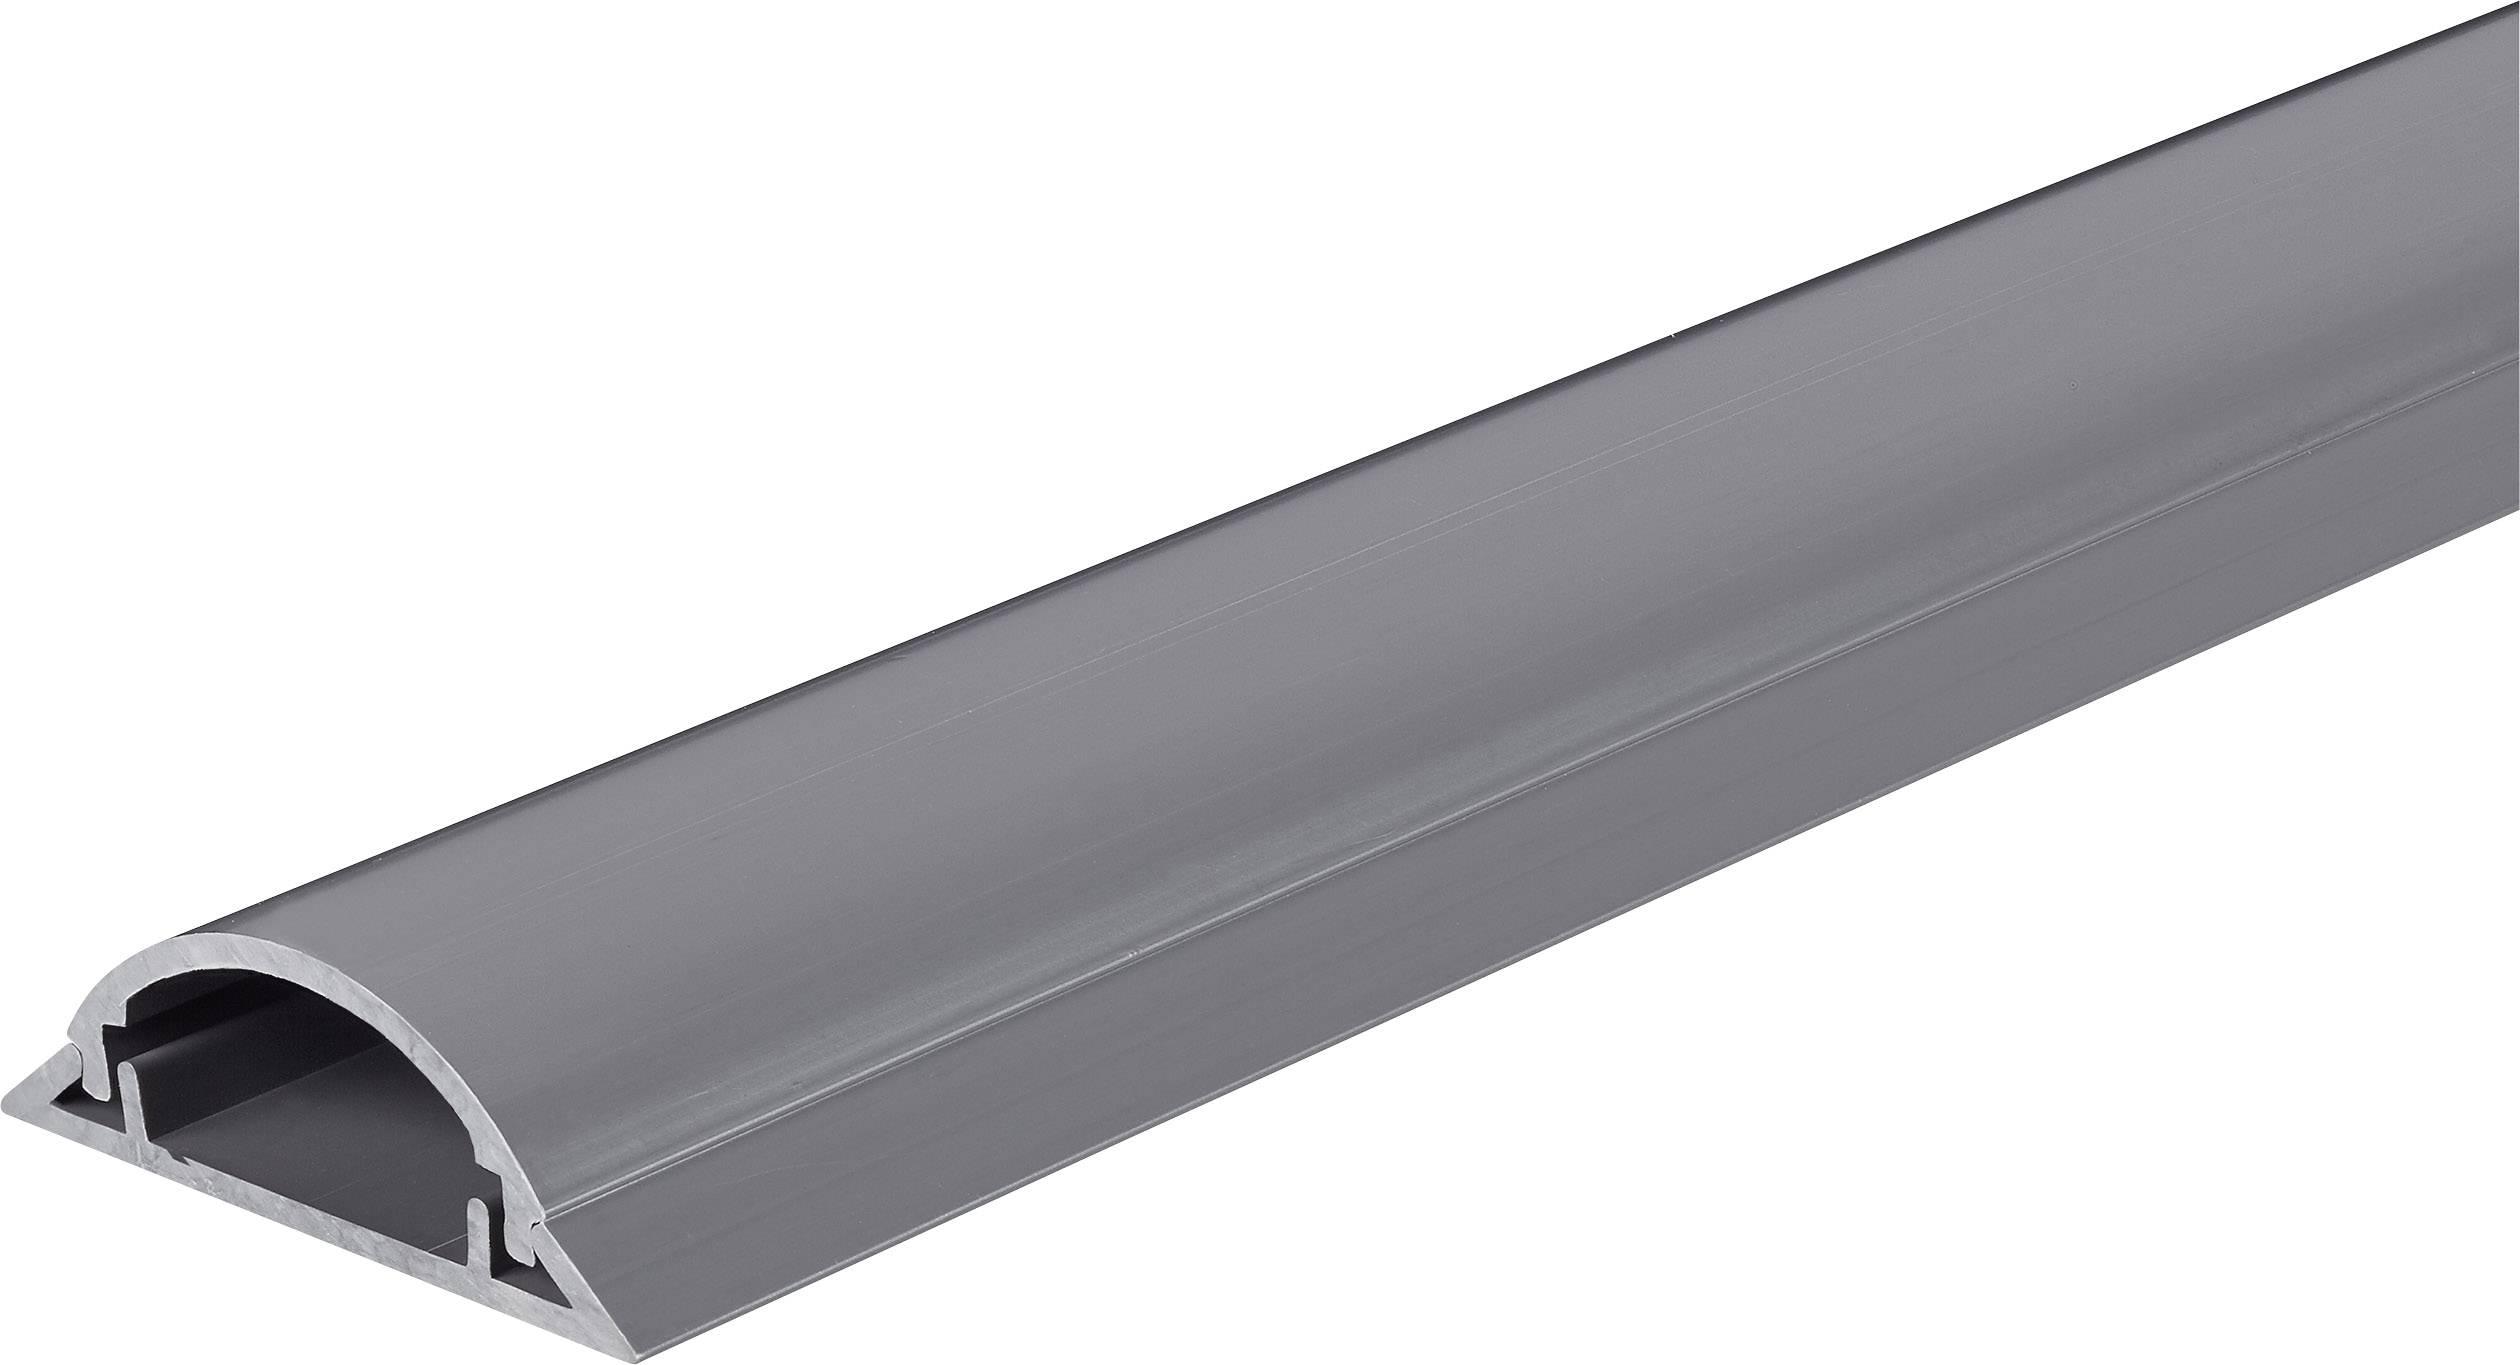 Kabelový můstek Conrad 1243959, šedá, 1000 x 49,5 mm